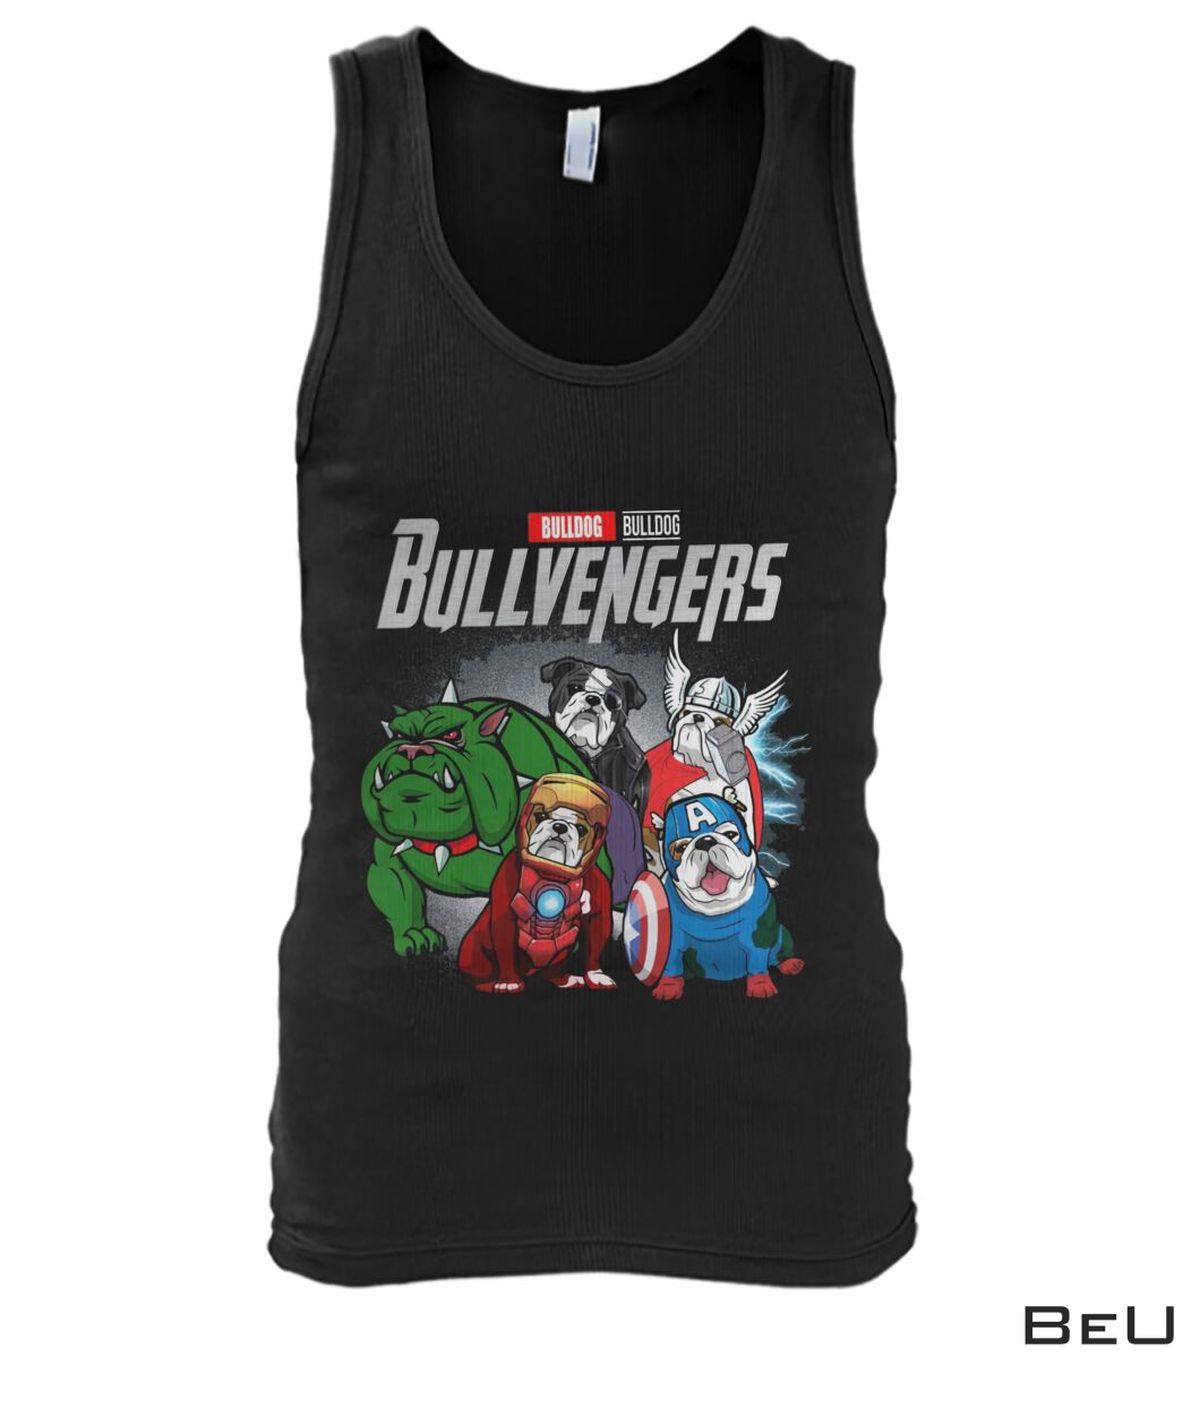 Bull Dog Bullvengers Avengers Shirtx